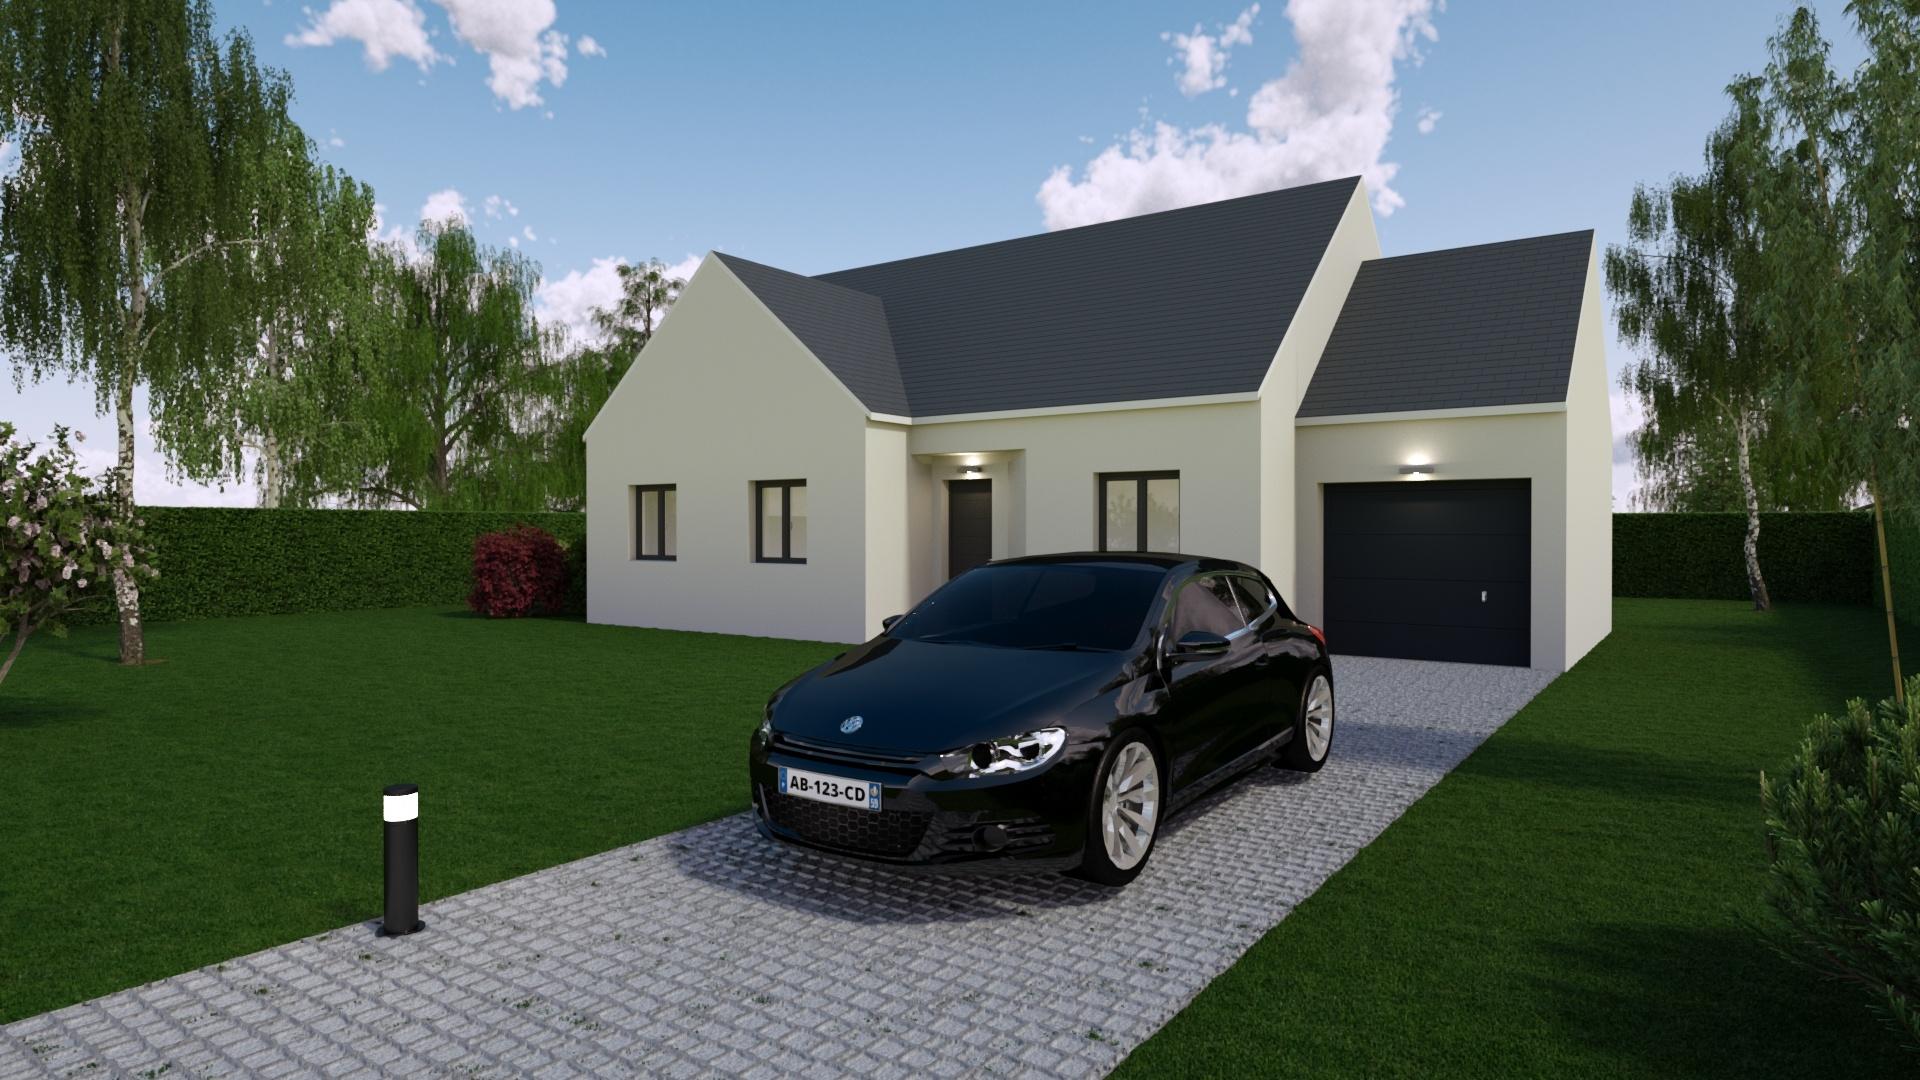 Maisons + Terrains du constructeur Mon Courtier Maison • 86 m² • JOUE SUR ERDRE